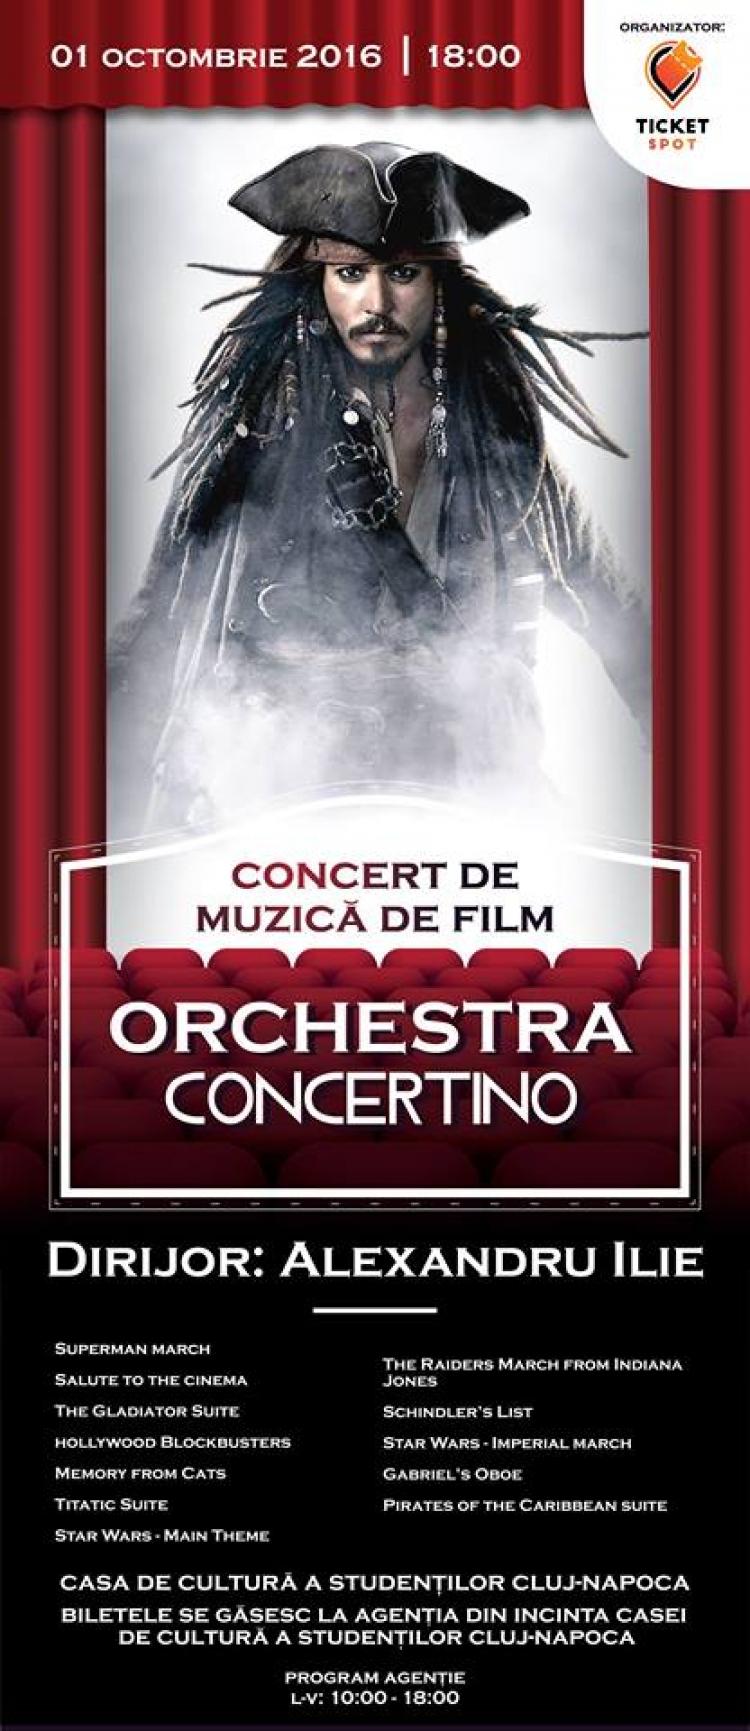 Concert de muzica de film Editia a 2-a organizat de Ticket Spot